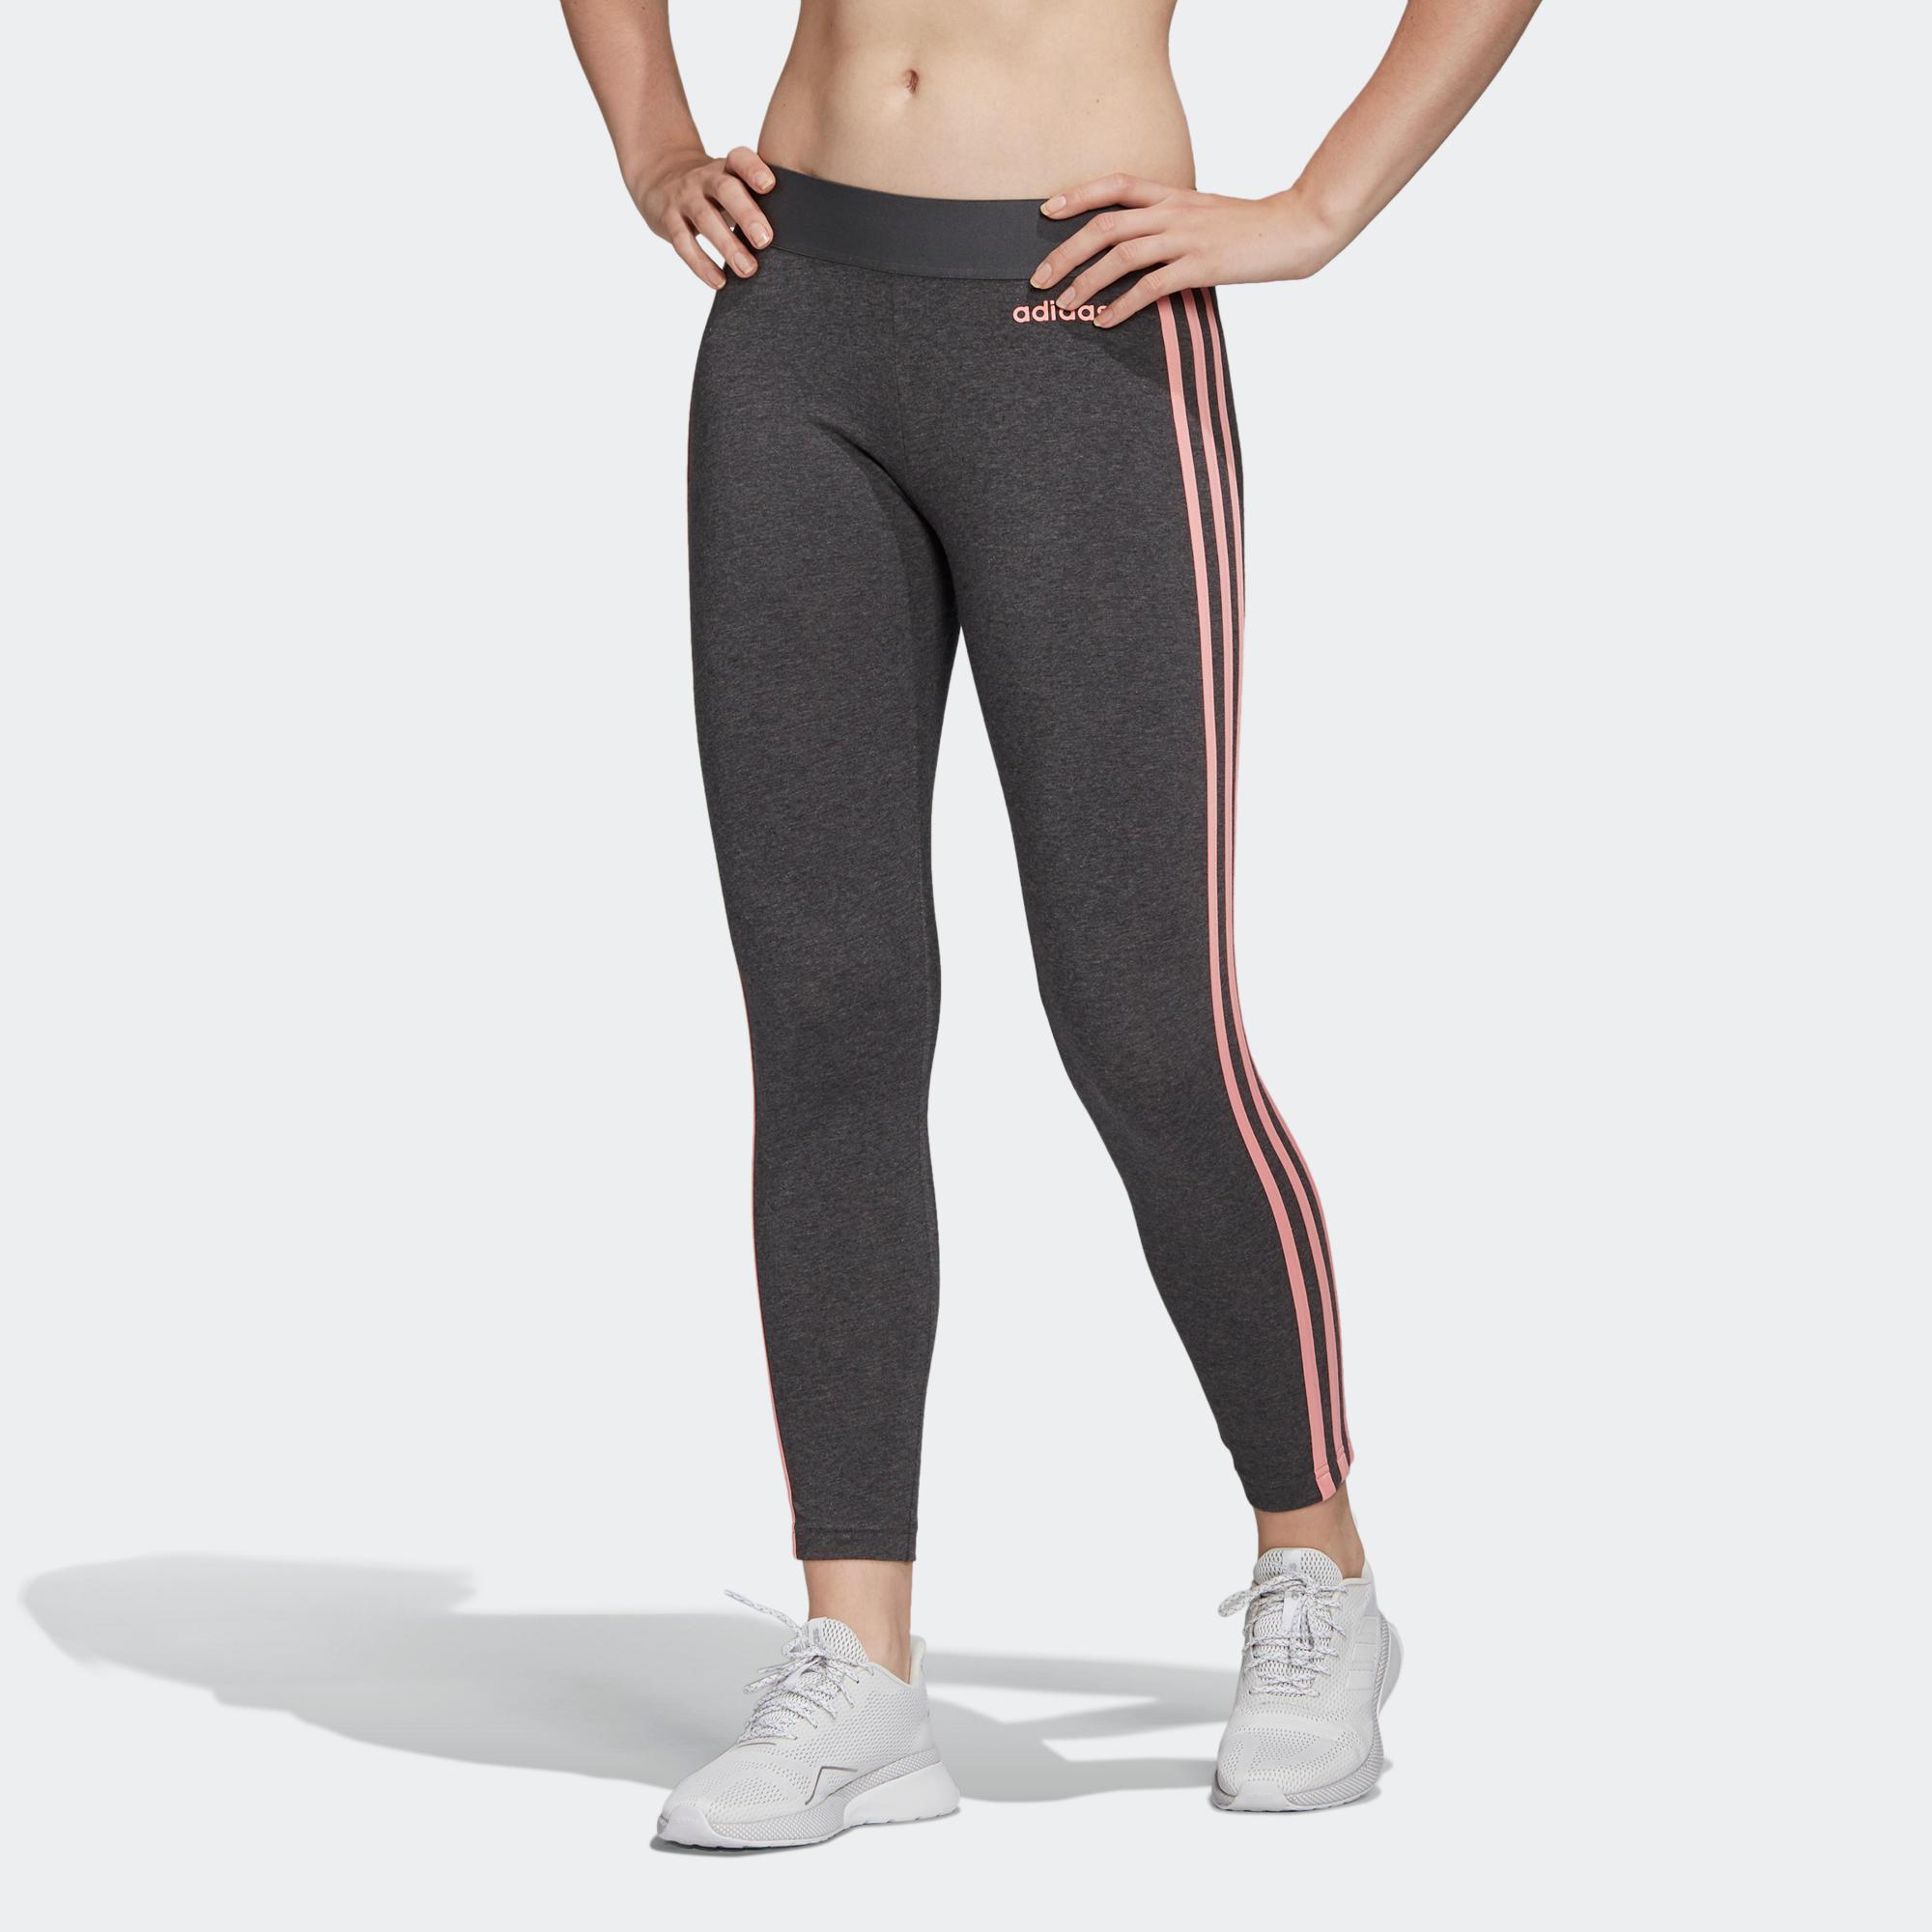 Besugo lanzadera Vicio  leggings adidas offerte aliexpress f2ed6 2916e